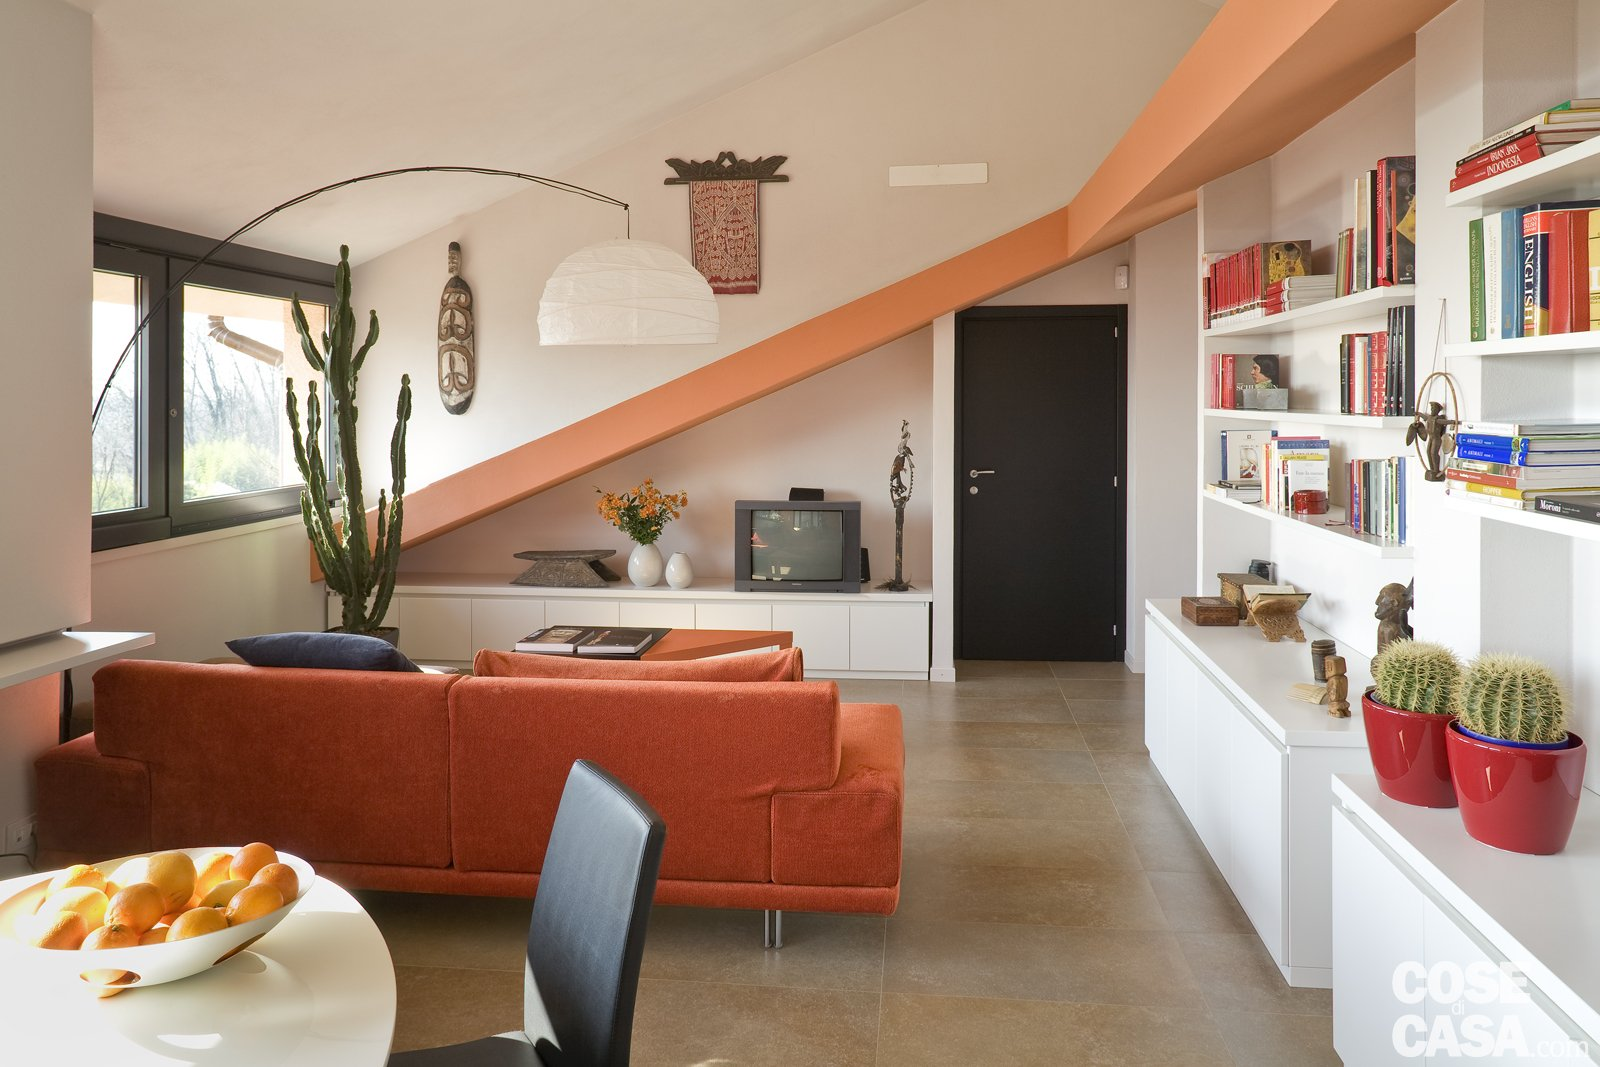 Casa in mansarda con le soluzioni giuste per gli spazi for Soluzioni di arredo per soggiorni